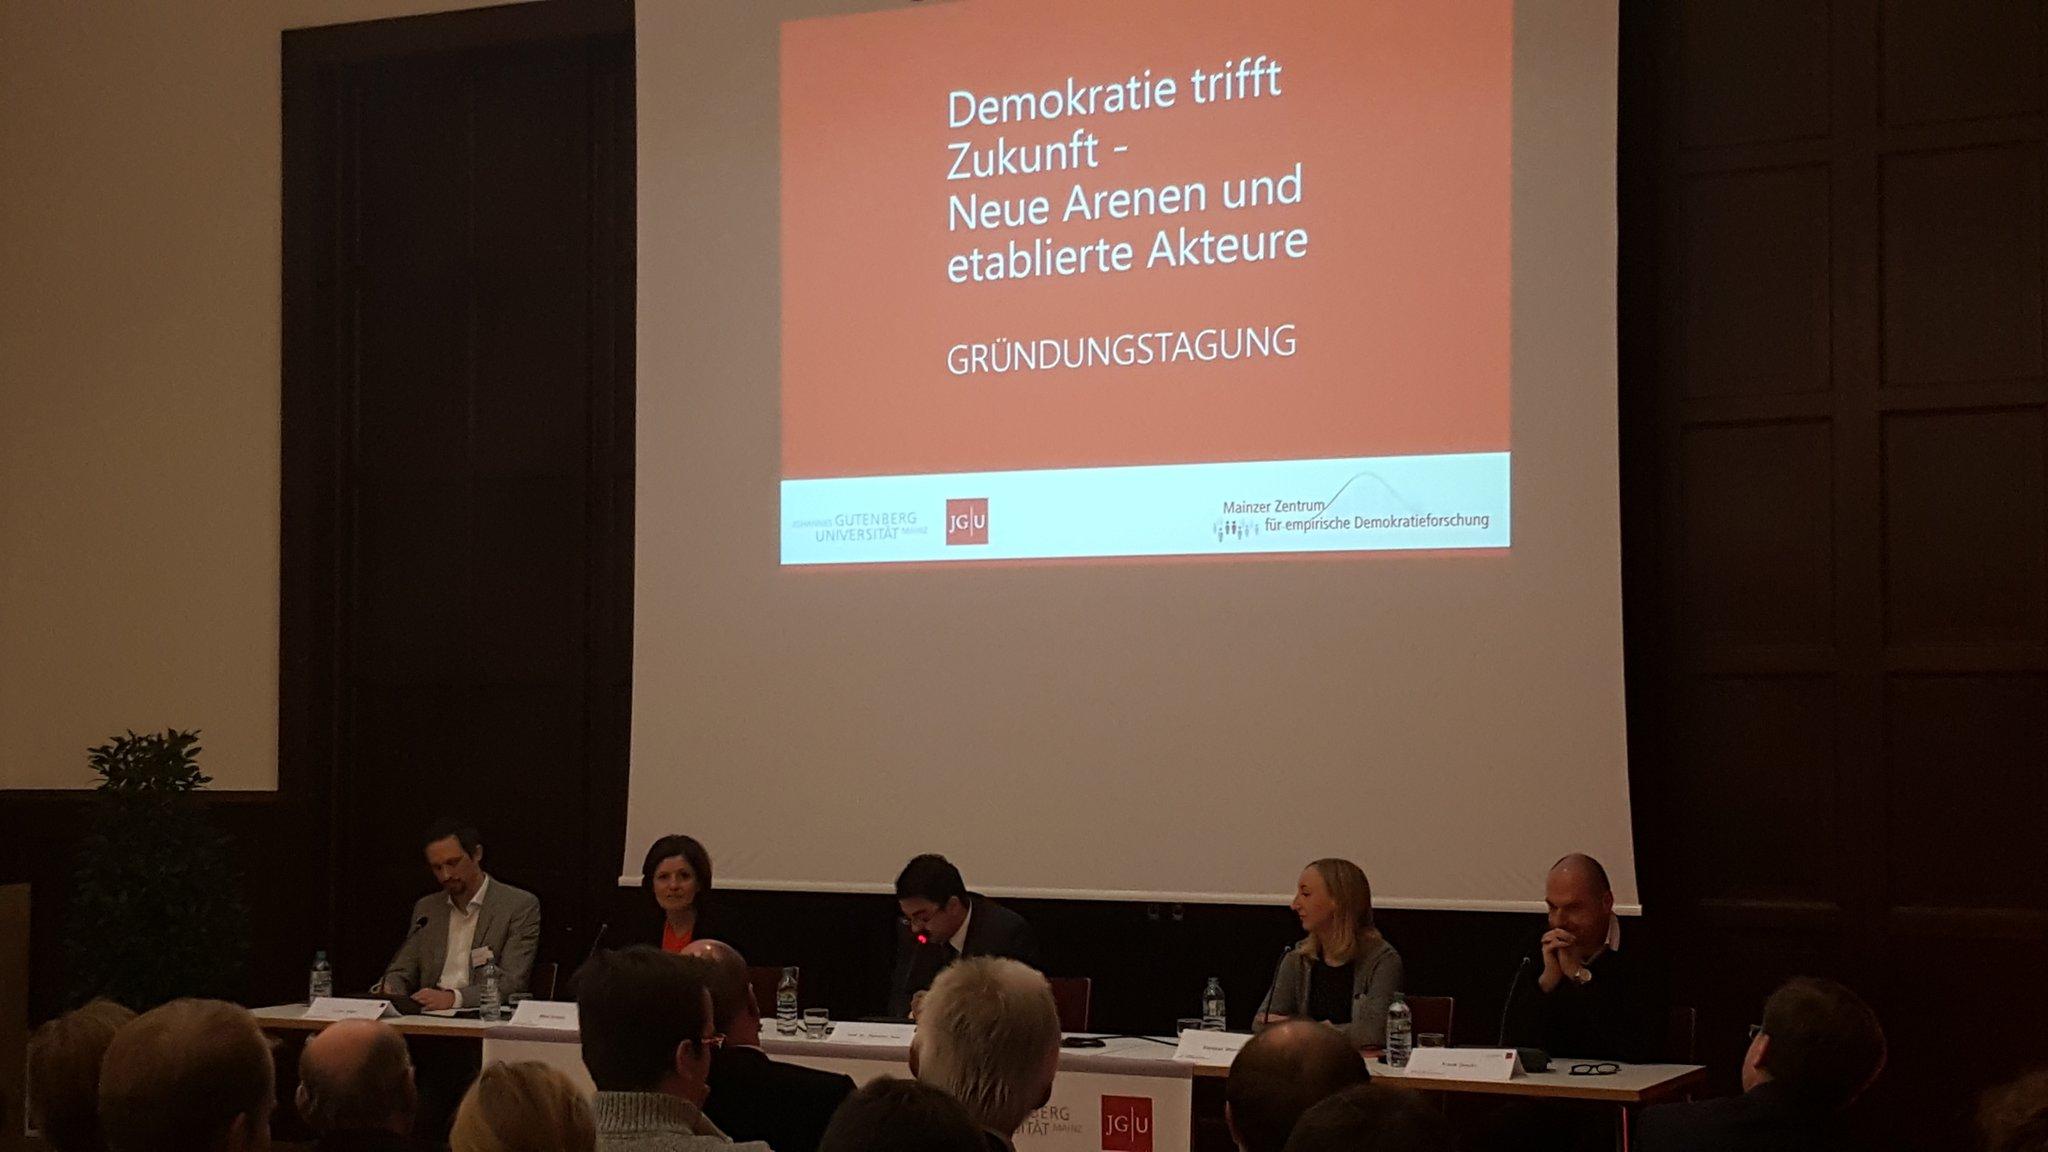 Podium beim @mzedf mit Malu #Dreyer, Florian Hager, @Remrow und Frank Stauss moderiert von @wahlforschung. Spannende Runde! https://t.co/SLdN1VD712